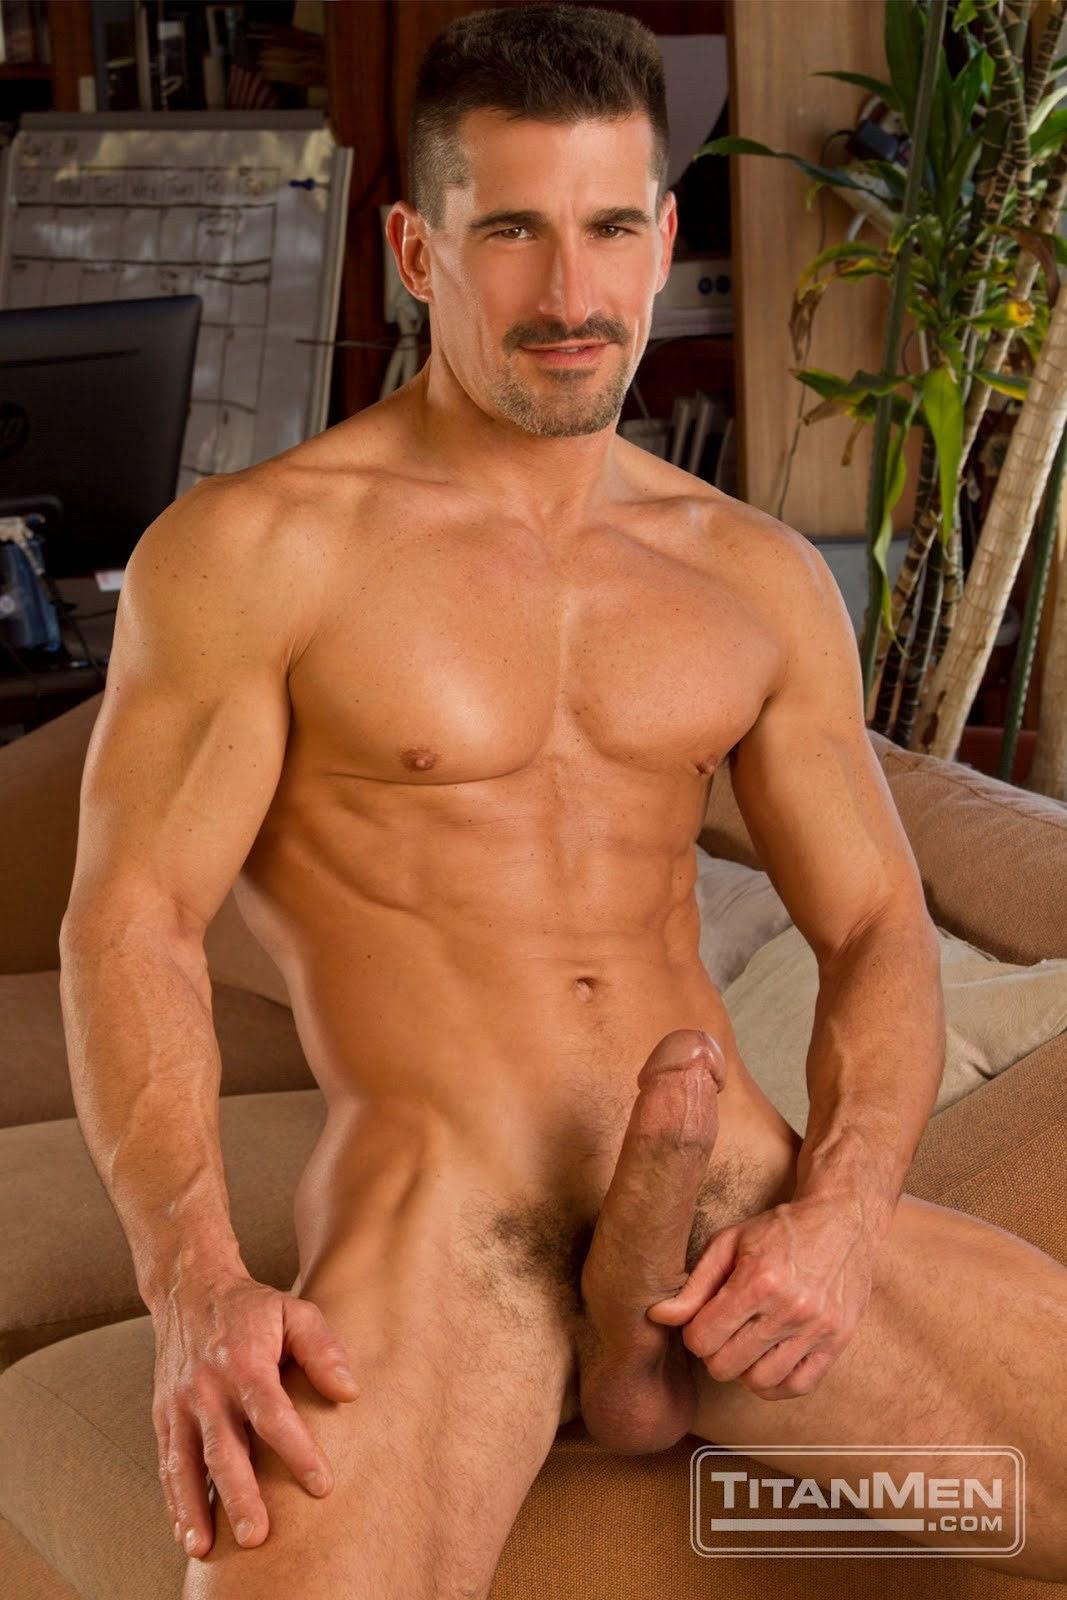 http://24.media.tumblr.com/948f98d0b4cfa6ad5cedbd81b9fe1455/tumblr_mig973TU8V1qmgz6io1_1280.jpg